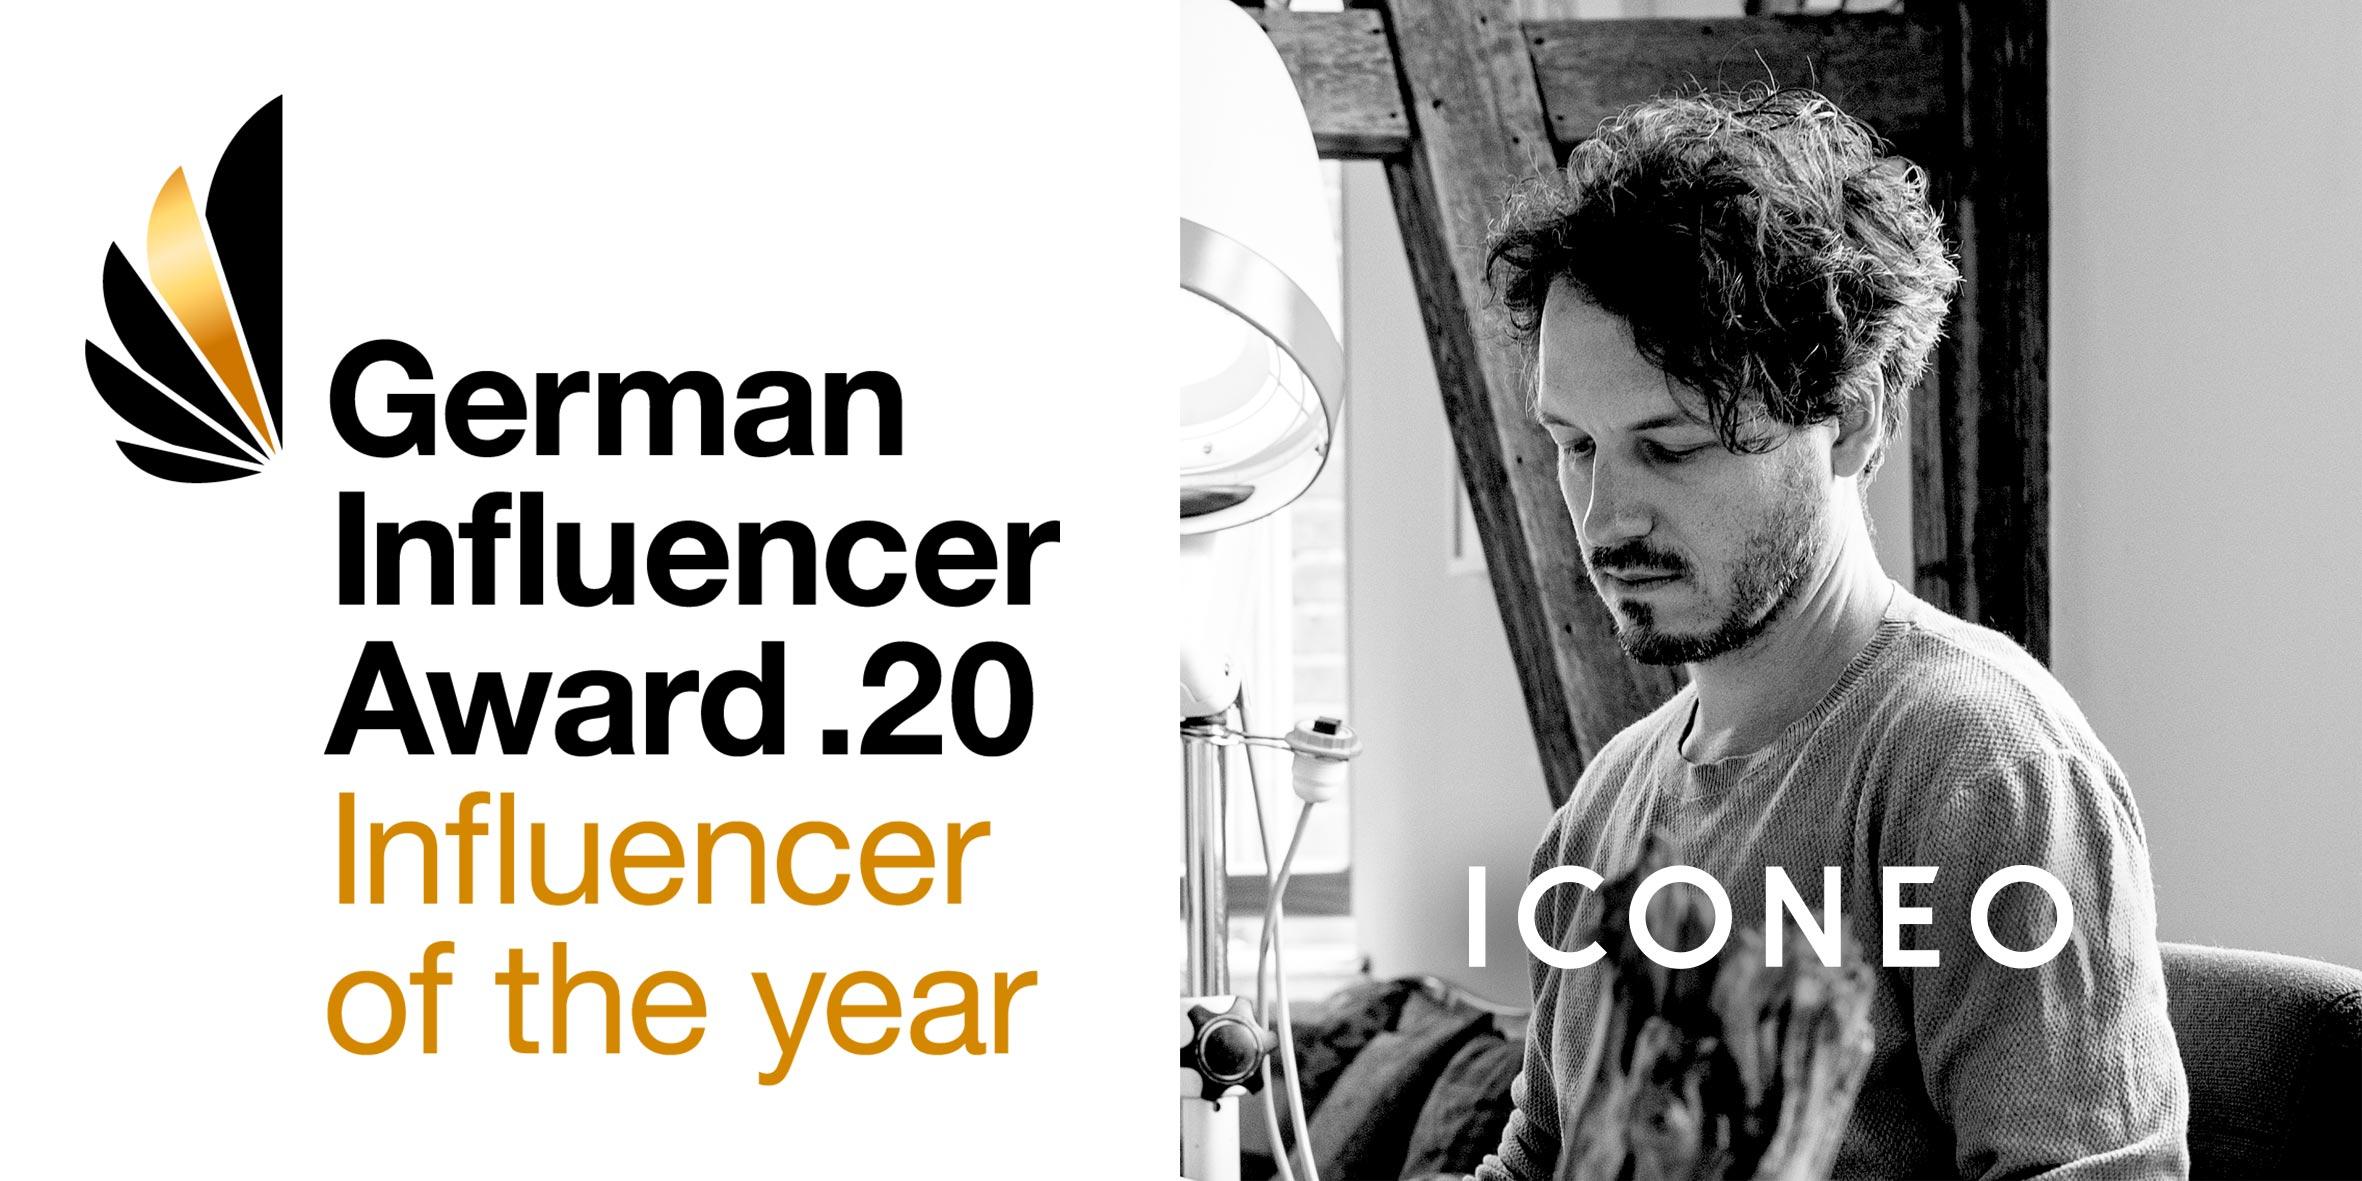 ICONEO mit German Influencer Award ausgezeichnet